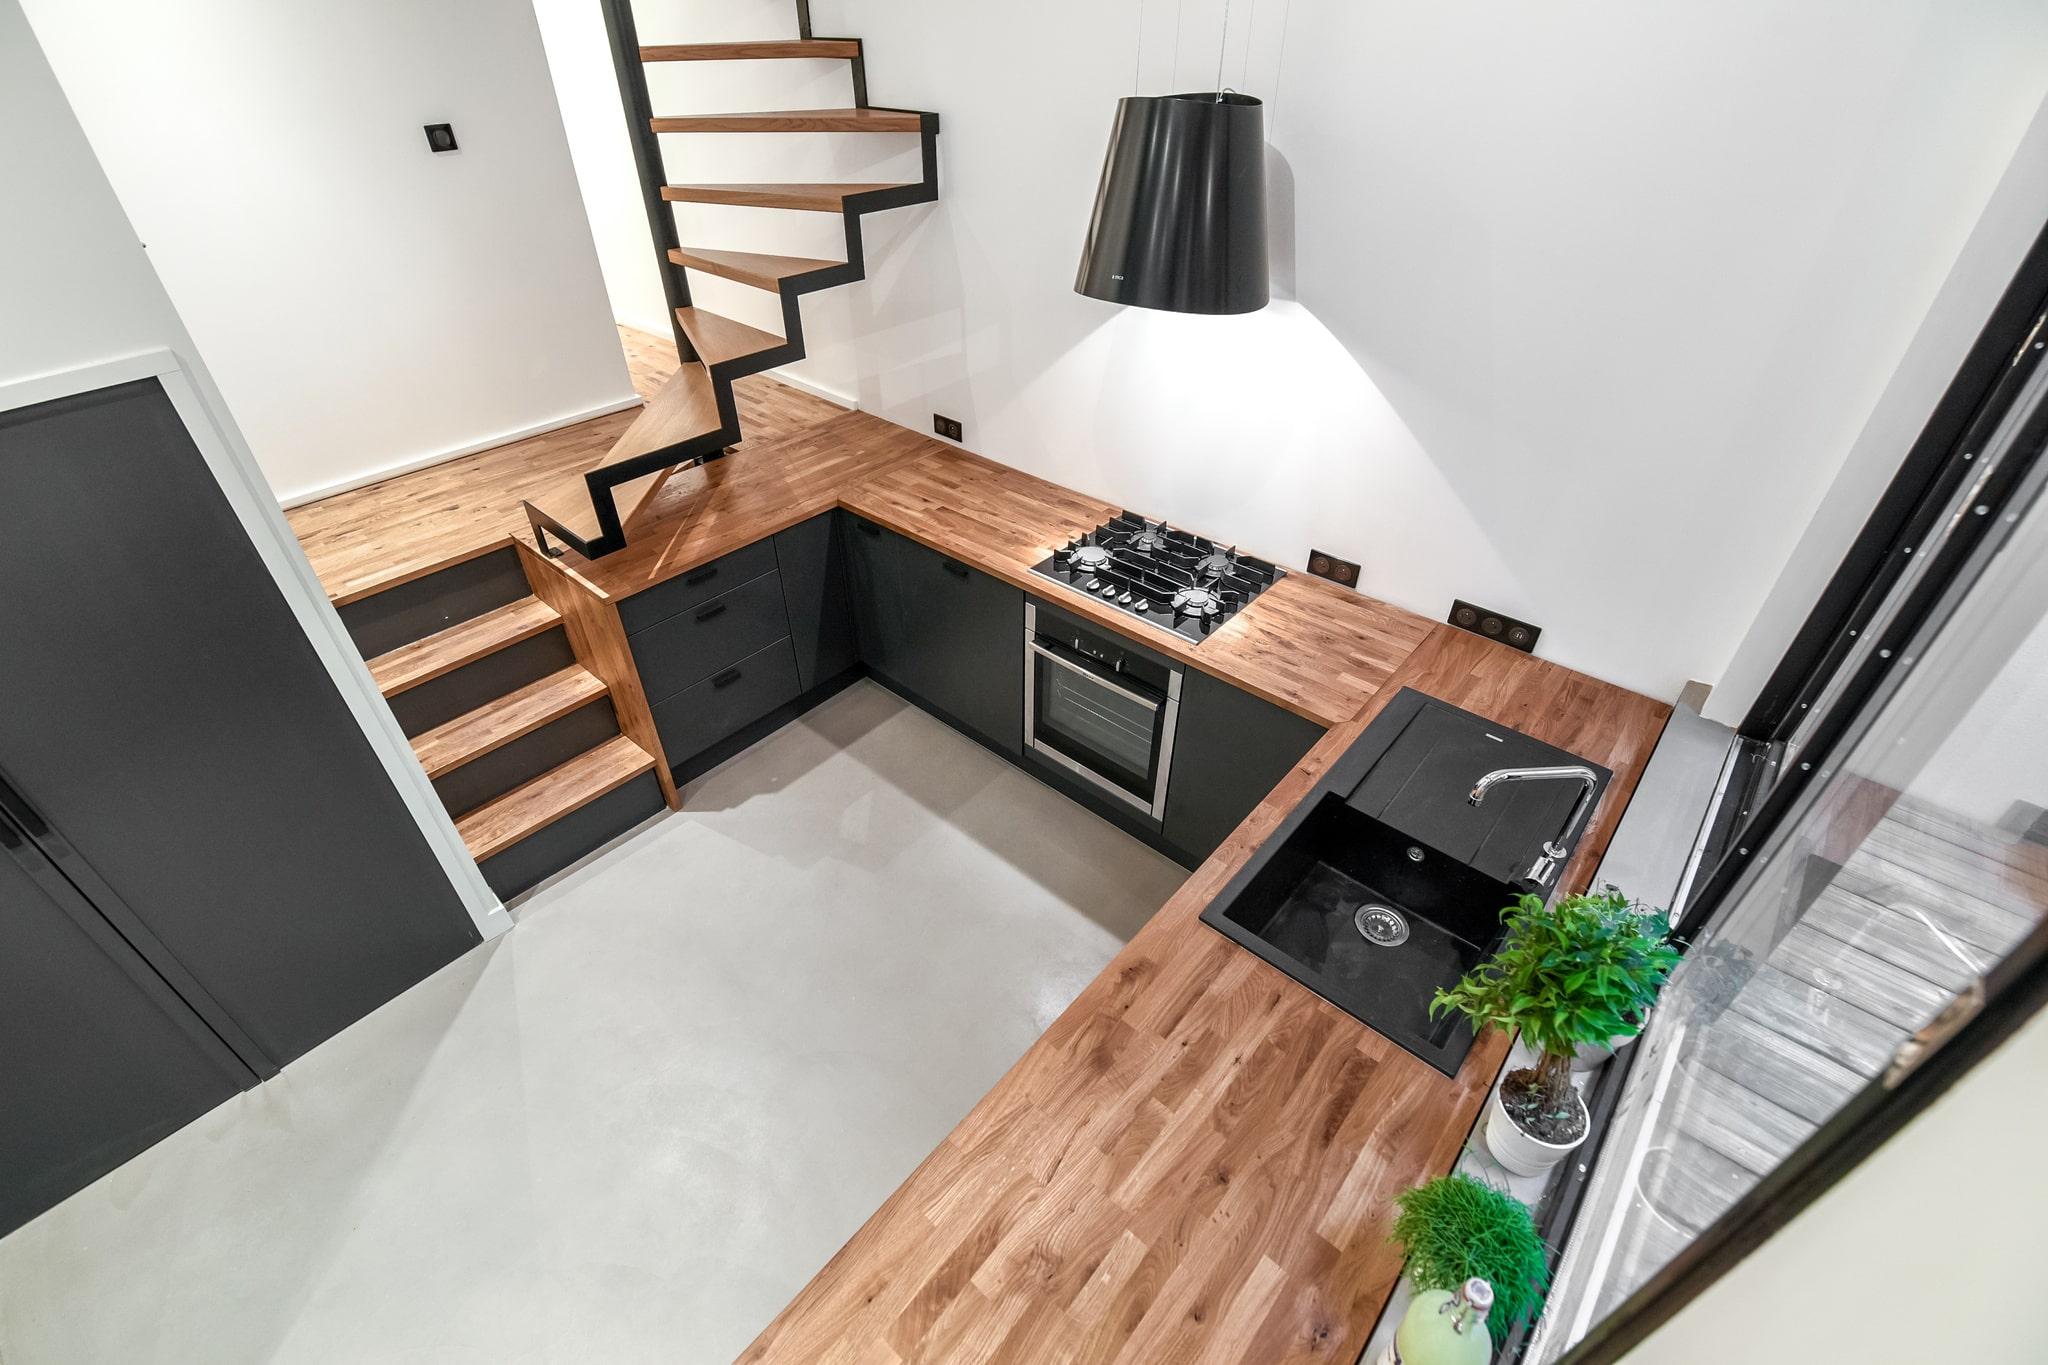 Rénovation complète et cuisine sur mesure, budget de 64 500 €